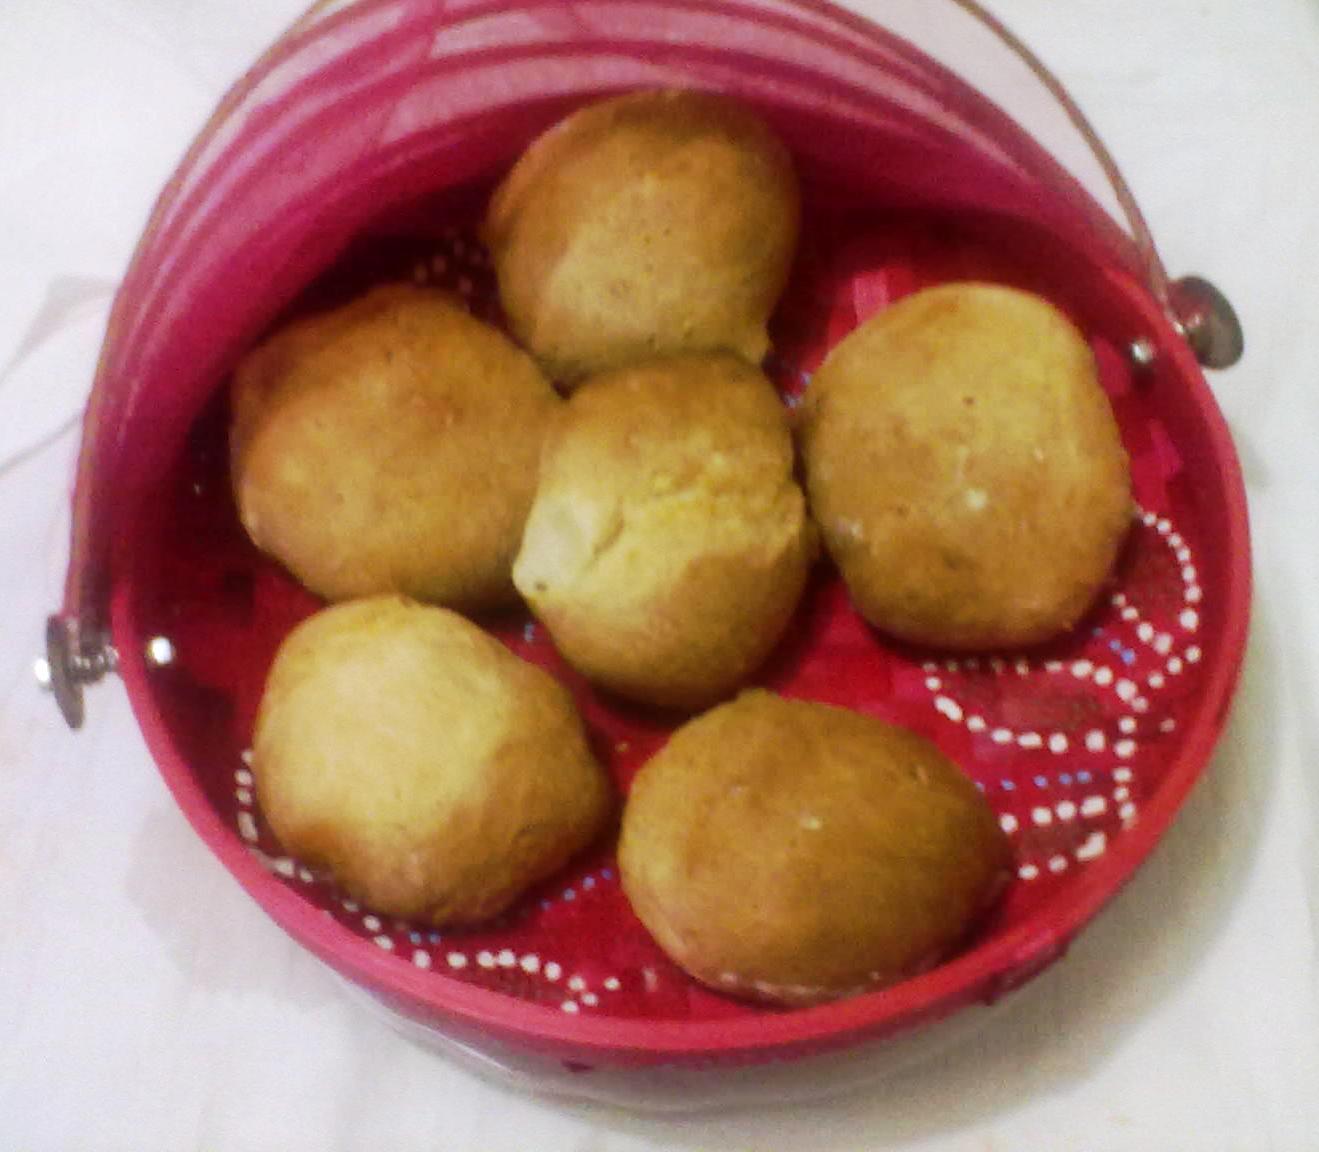 Come fare il pane in casa pomodori verdi fritti - Come fare i detersivi in casa ...